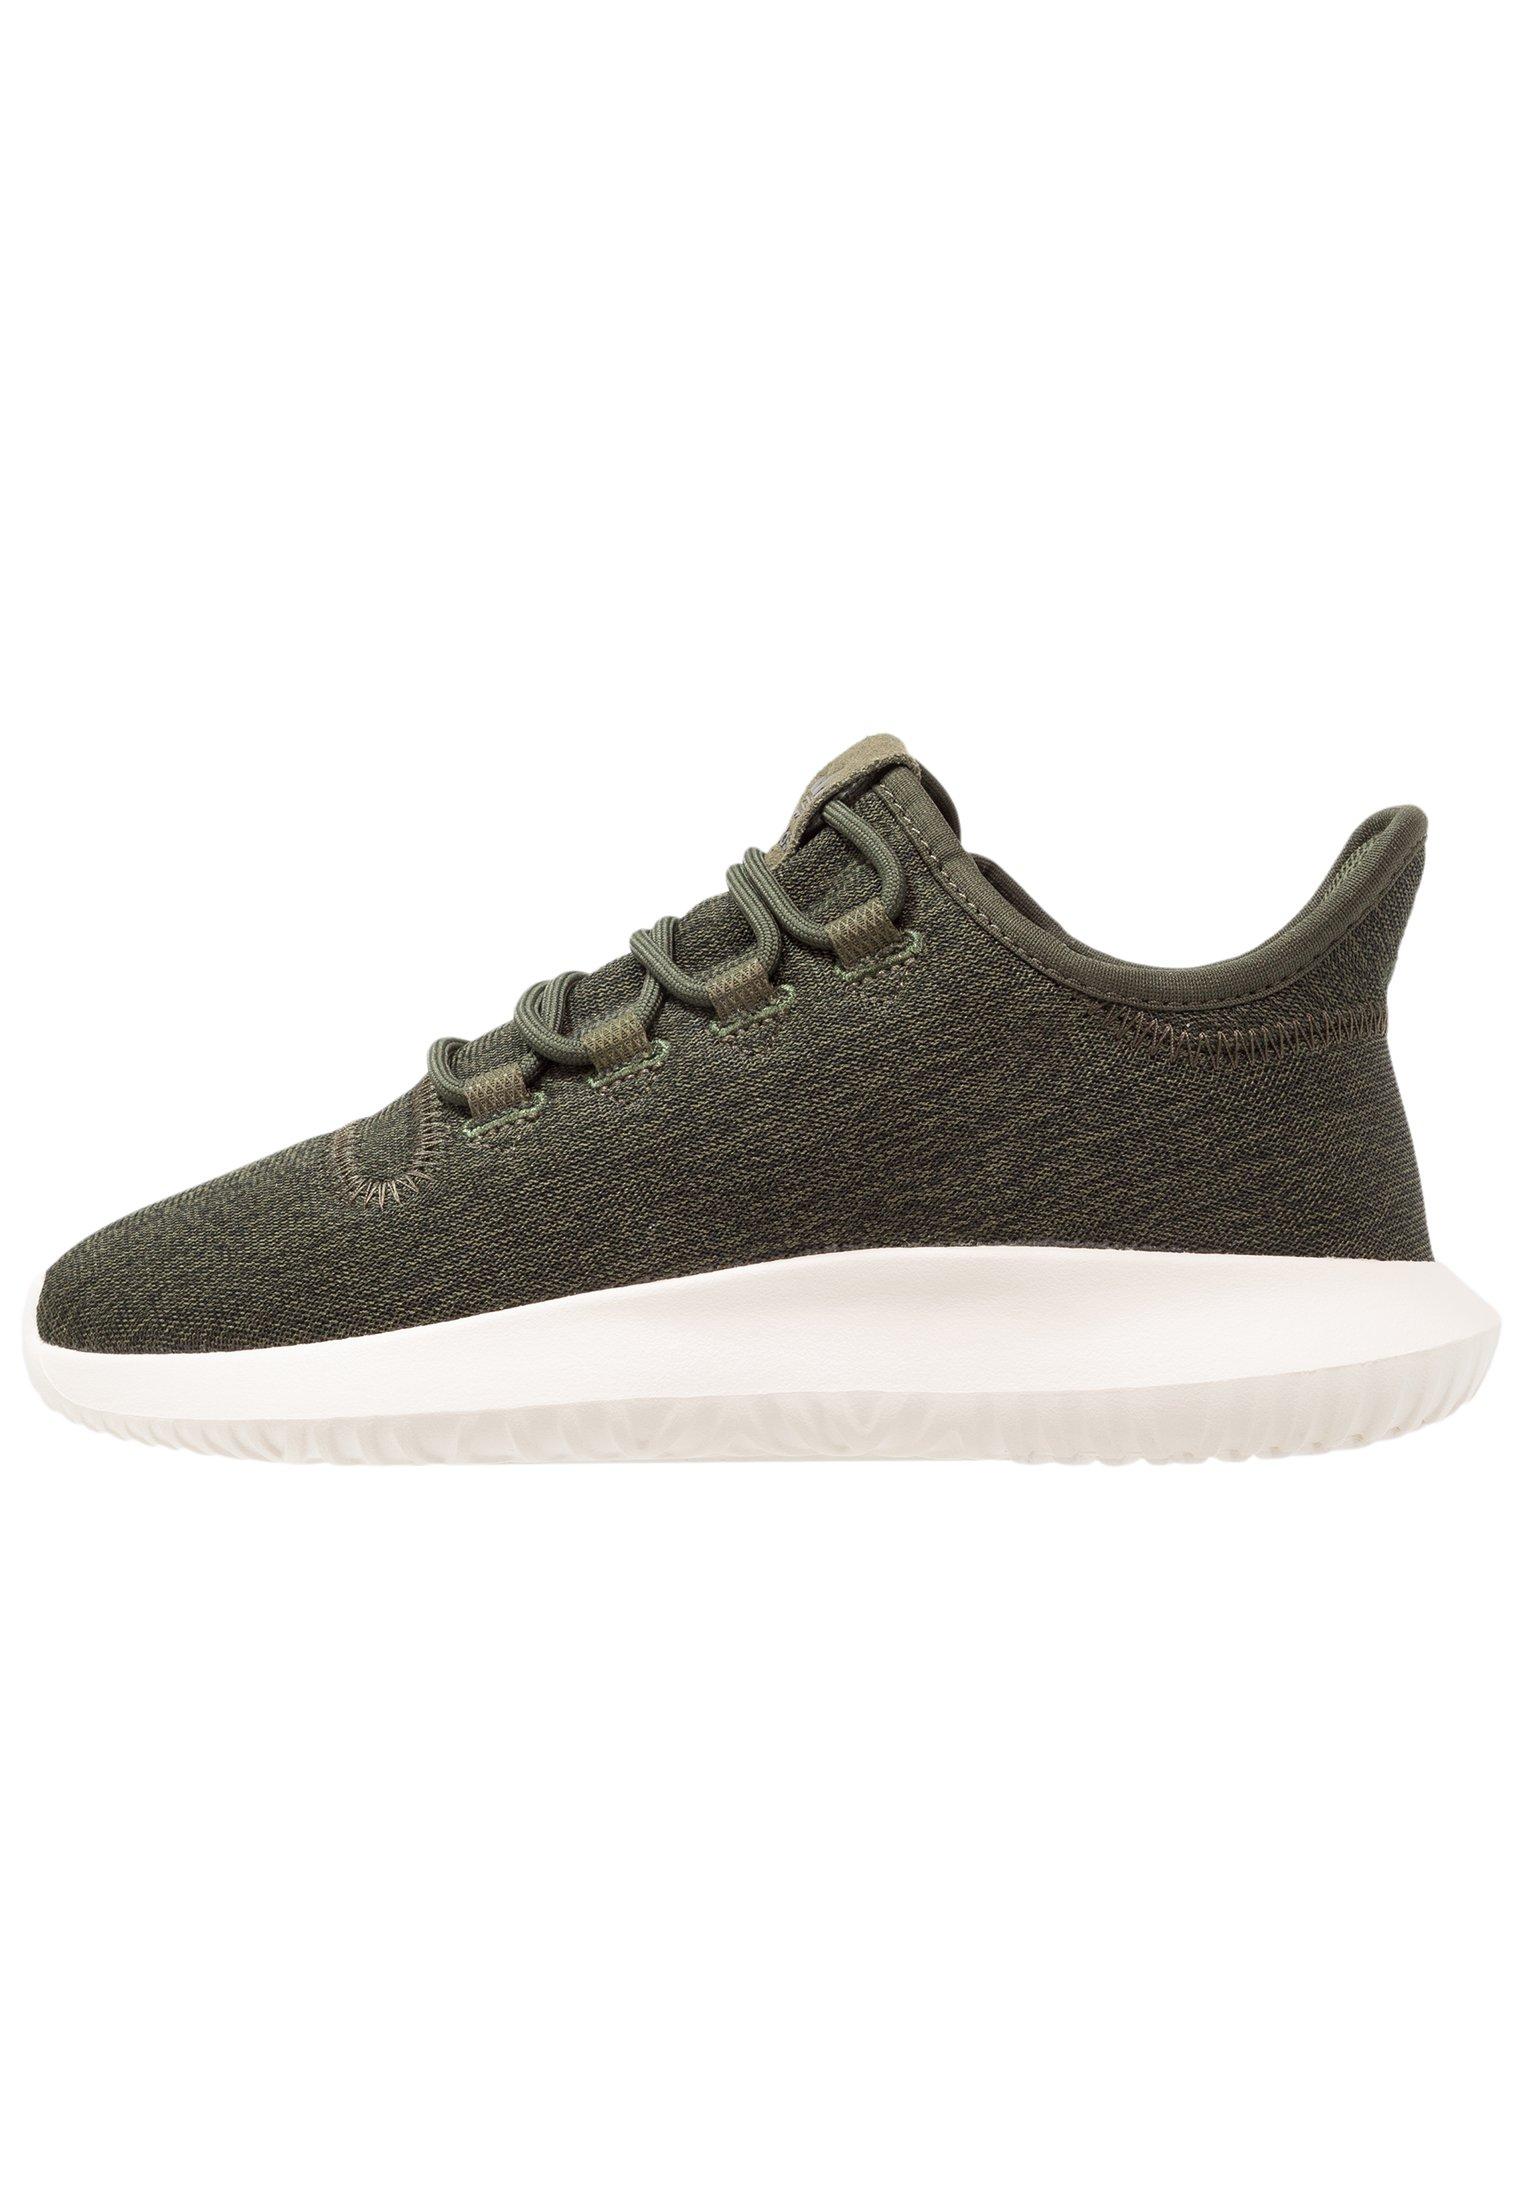 Articles pour femme adidas kaki | Tous les articles chez Zalando